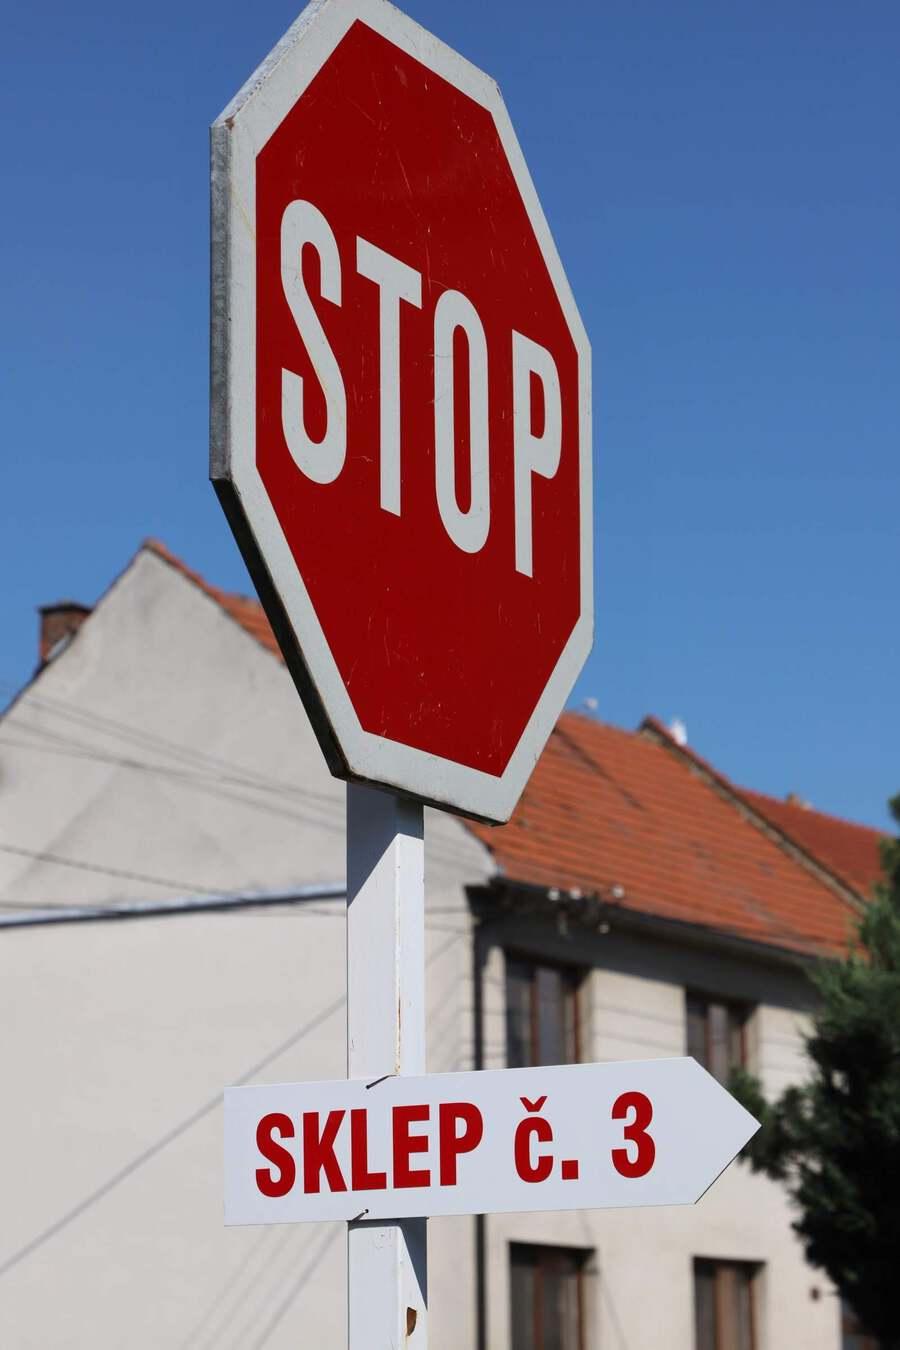 OS-cedule-stop-sklep1_Ales_Duda